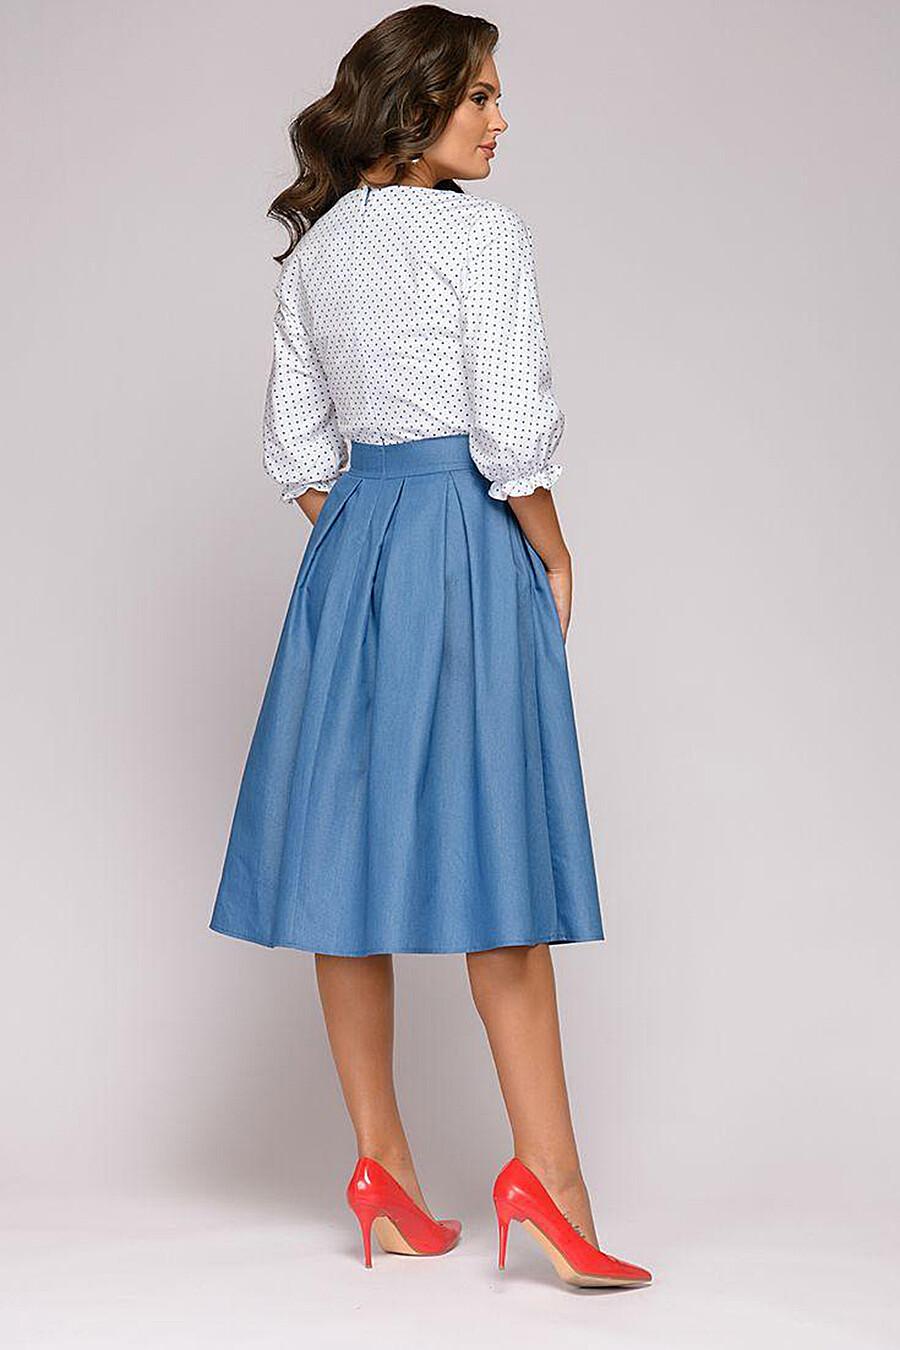 Платье для женщин 1001 DRESS 131051 купить оптом от производителя. Совместная покупка женской одежды в OptMoyo